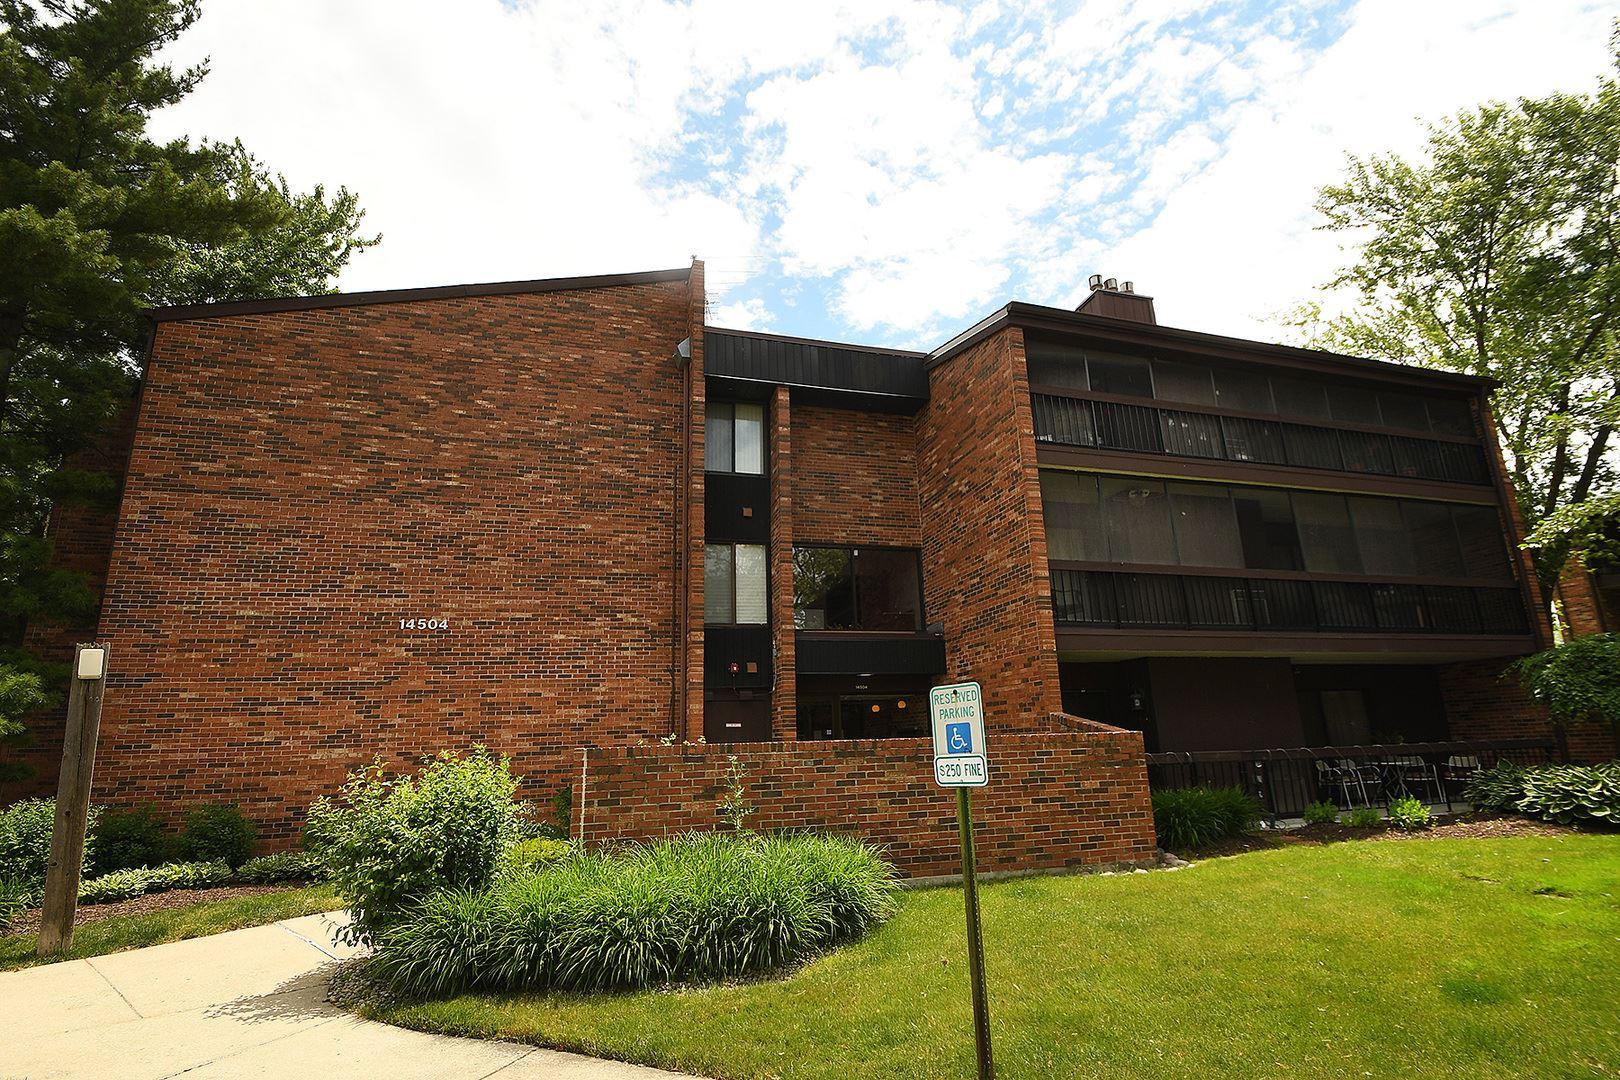 14504 Linder Court #M2, Oak Forest, IL 60452 - #: 10737990